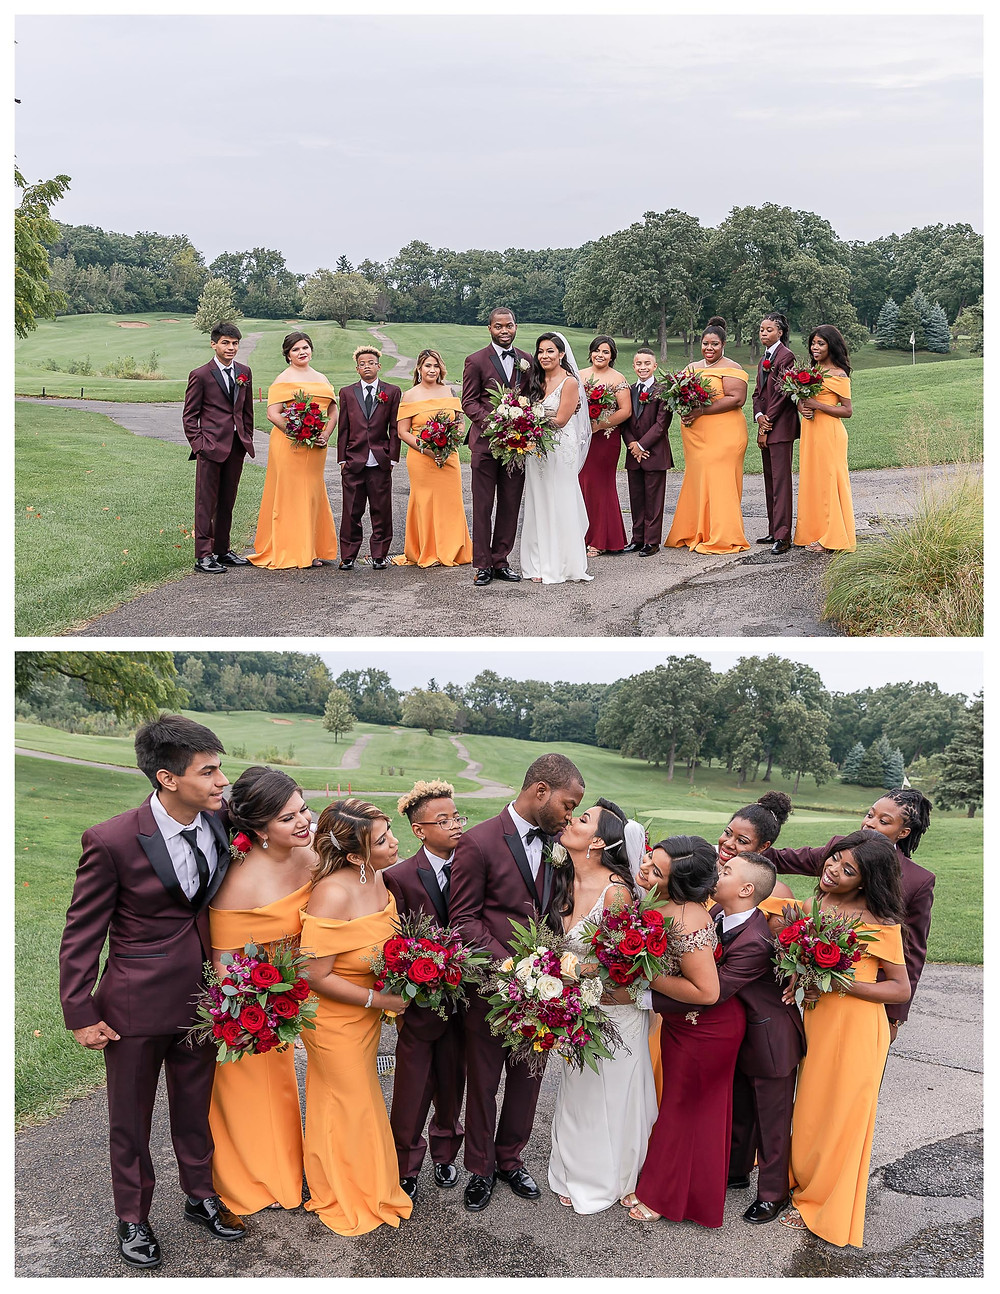 edgewood resort and spa wedding fall wedding itasca wedding photographer illinois wedding photographer joliet wedding photographer fall colors fall weddings